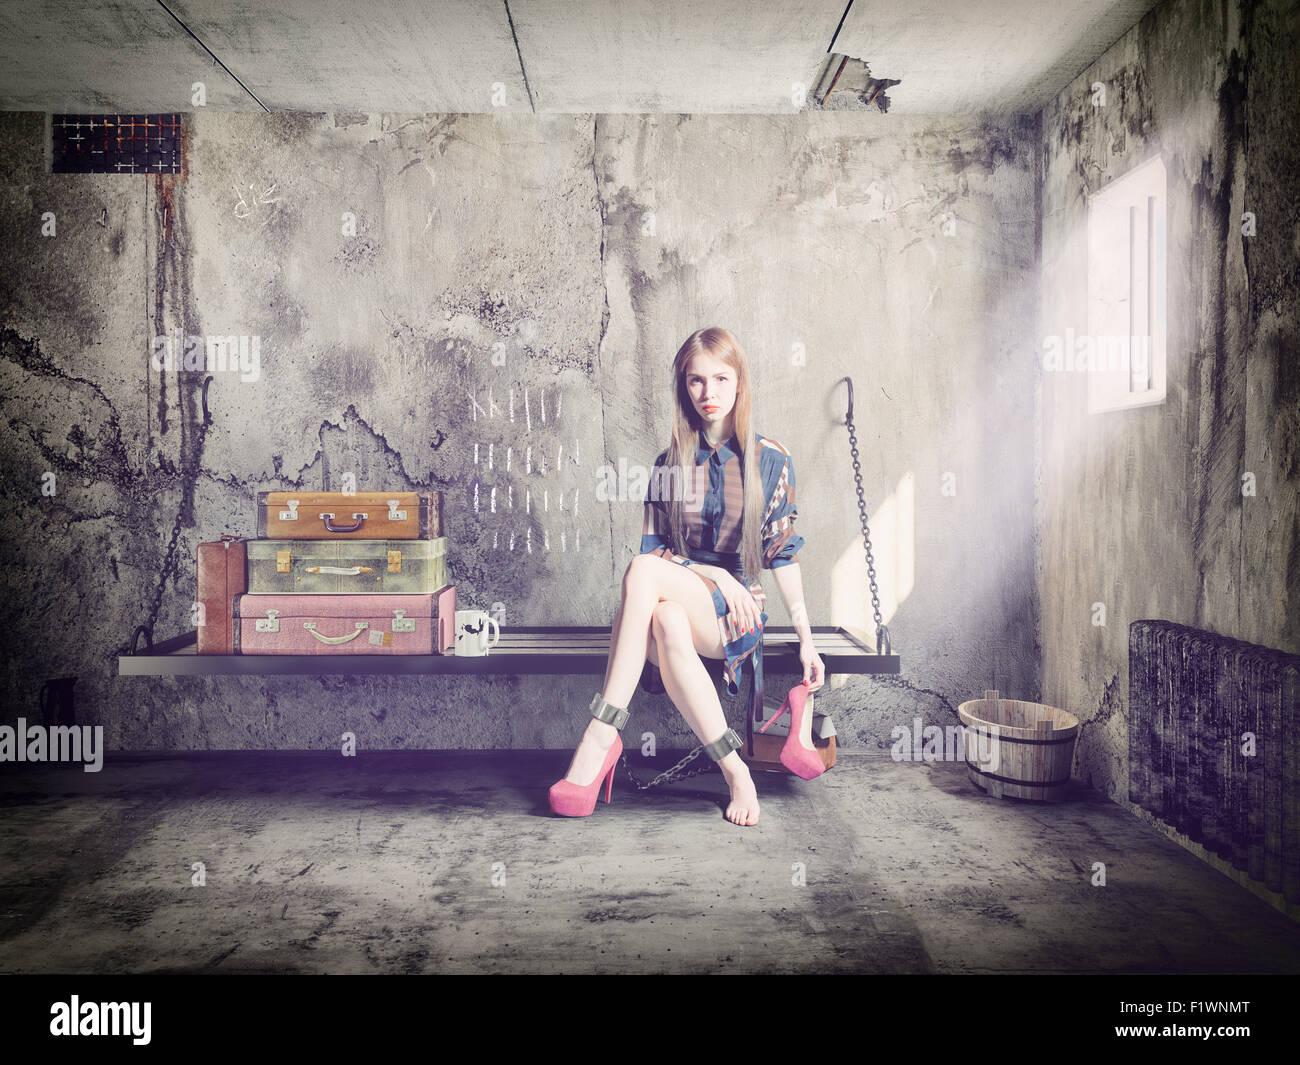 La joven mujer hermosa en la cárcel con su equipaje. Concepto Imagen De Stock